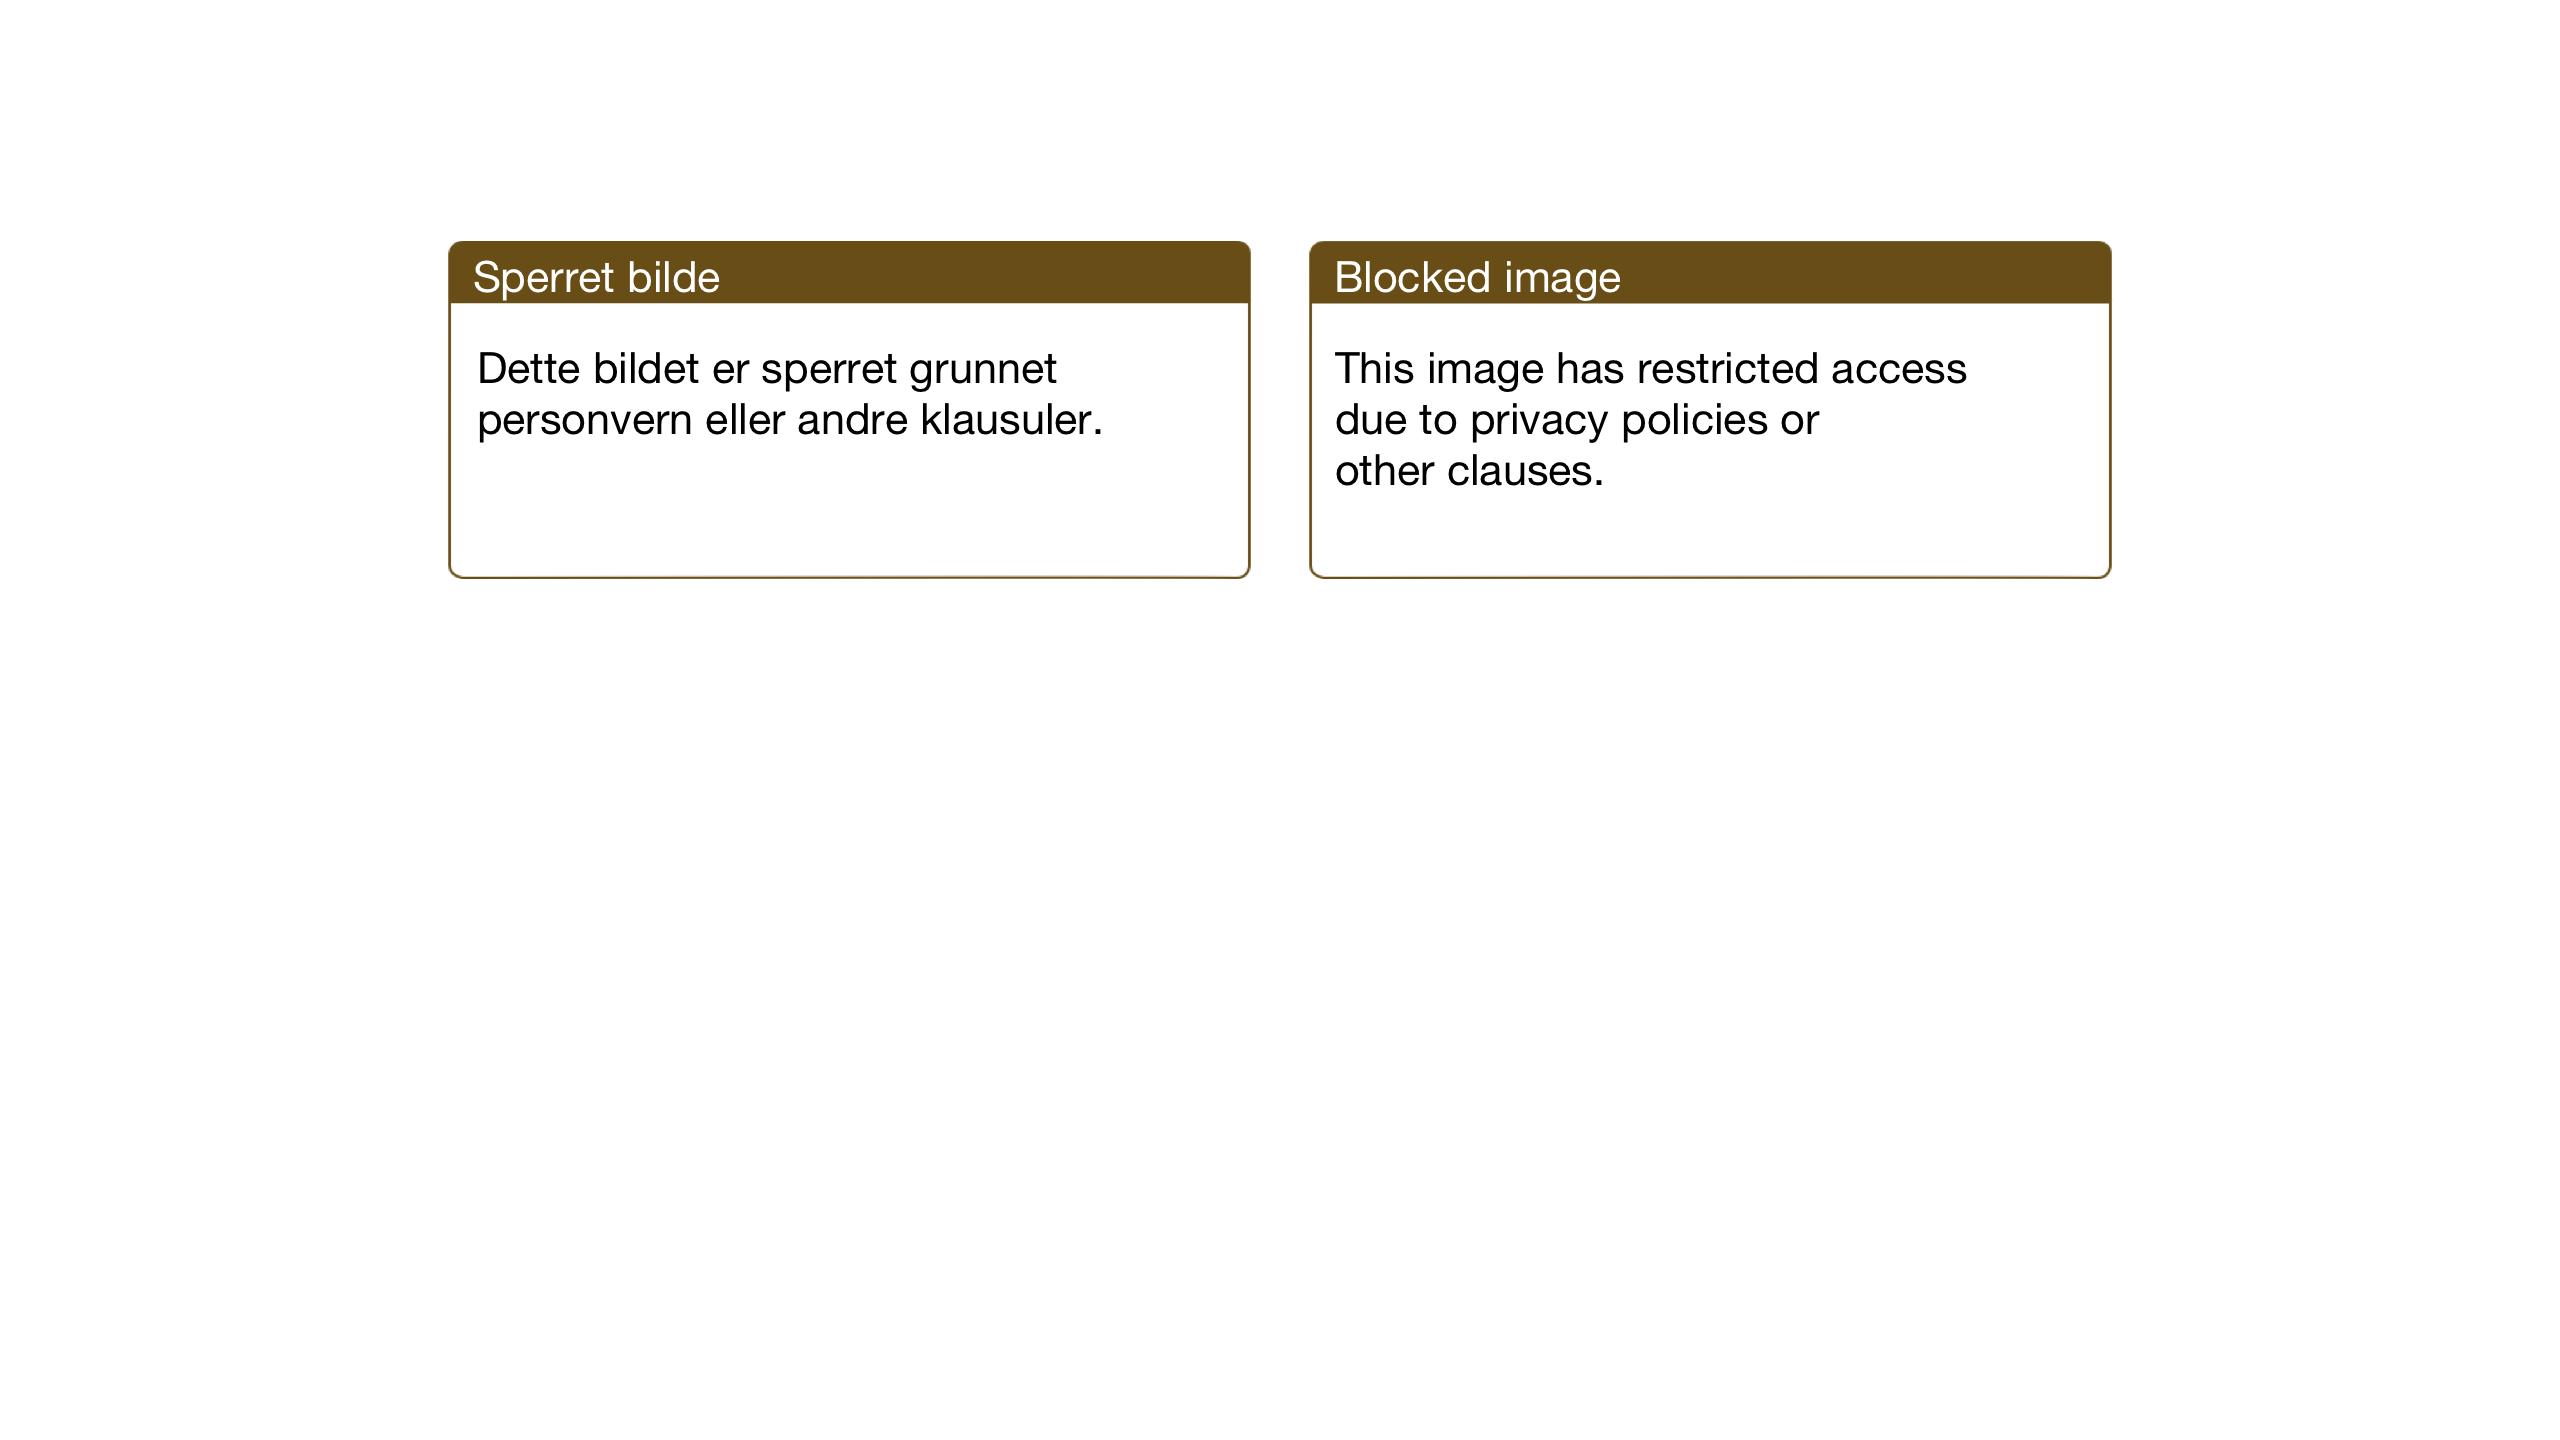 SAT, Ministerialprotokoller, klokkerbøker og fødselsregistre - Nord-Trøndelag, 746/L0456: Klokkerbok nr. 746C02, 1936-1948, s. 25